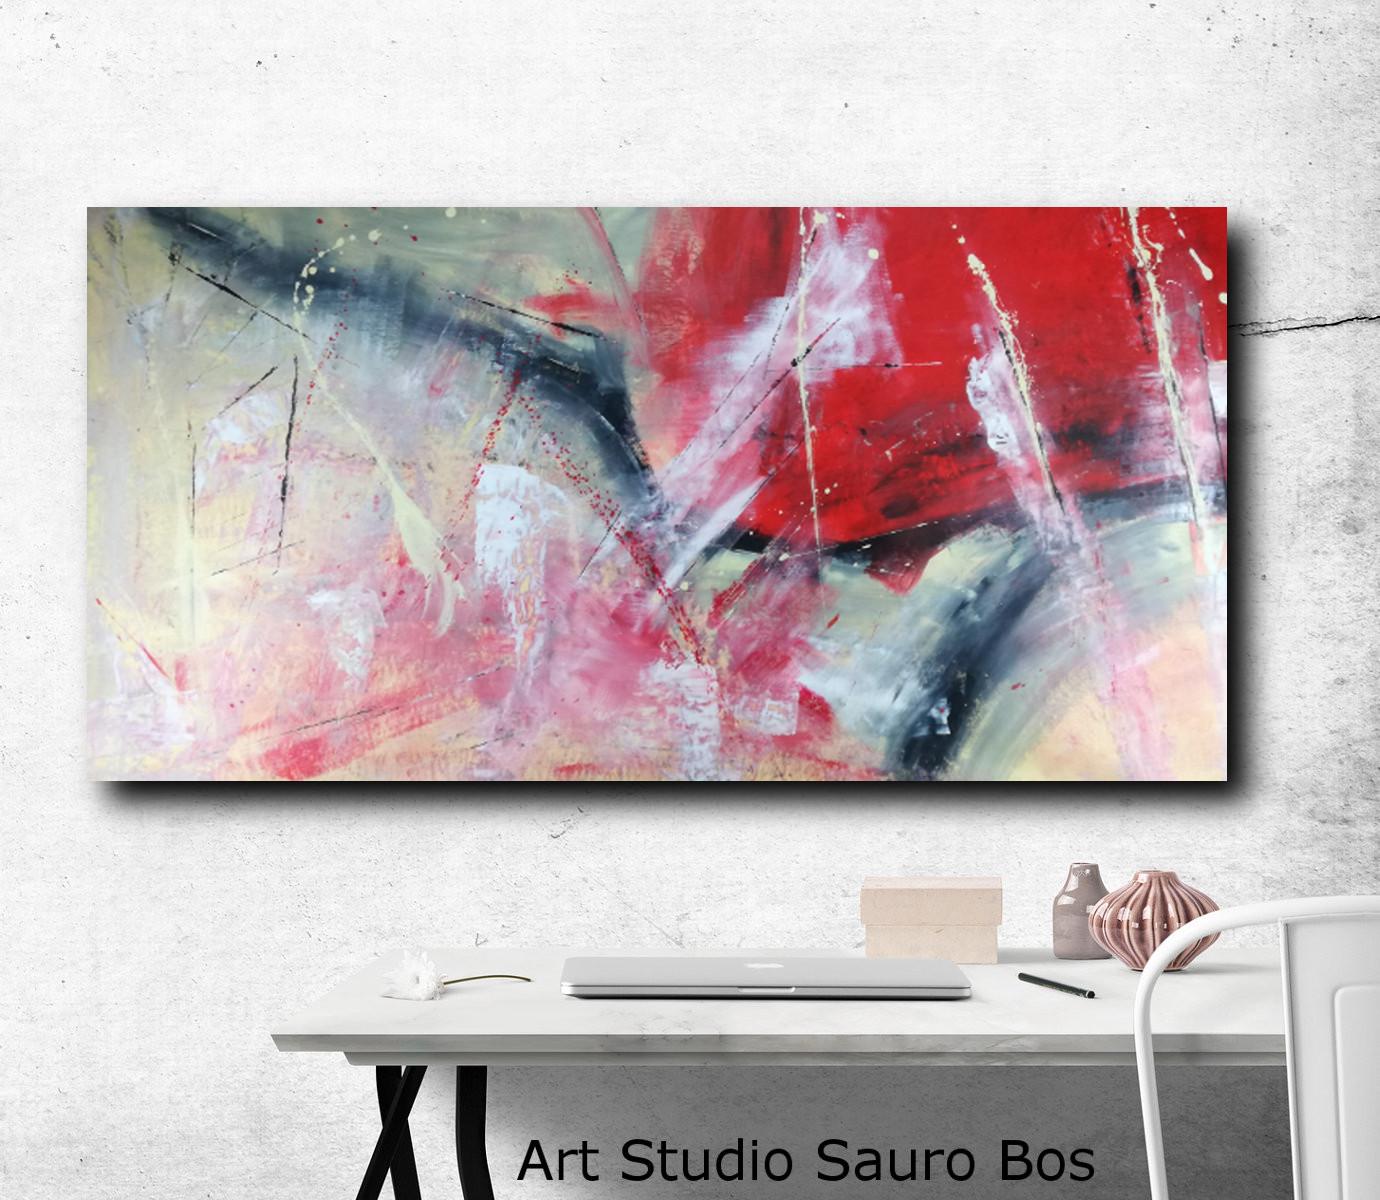 quadri astratti giallo rosso 120x60  sauro bos